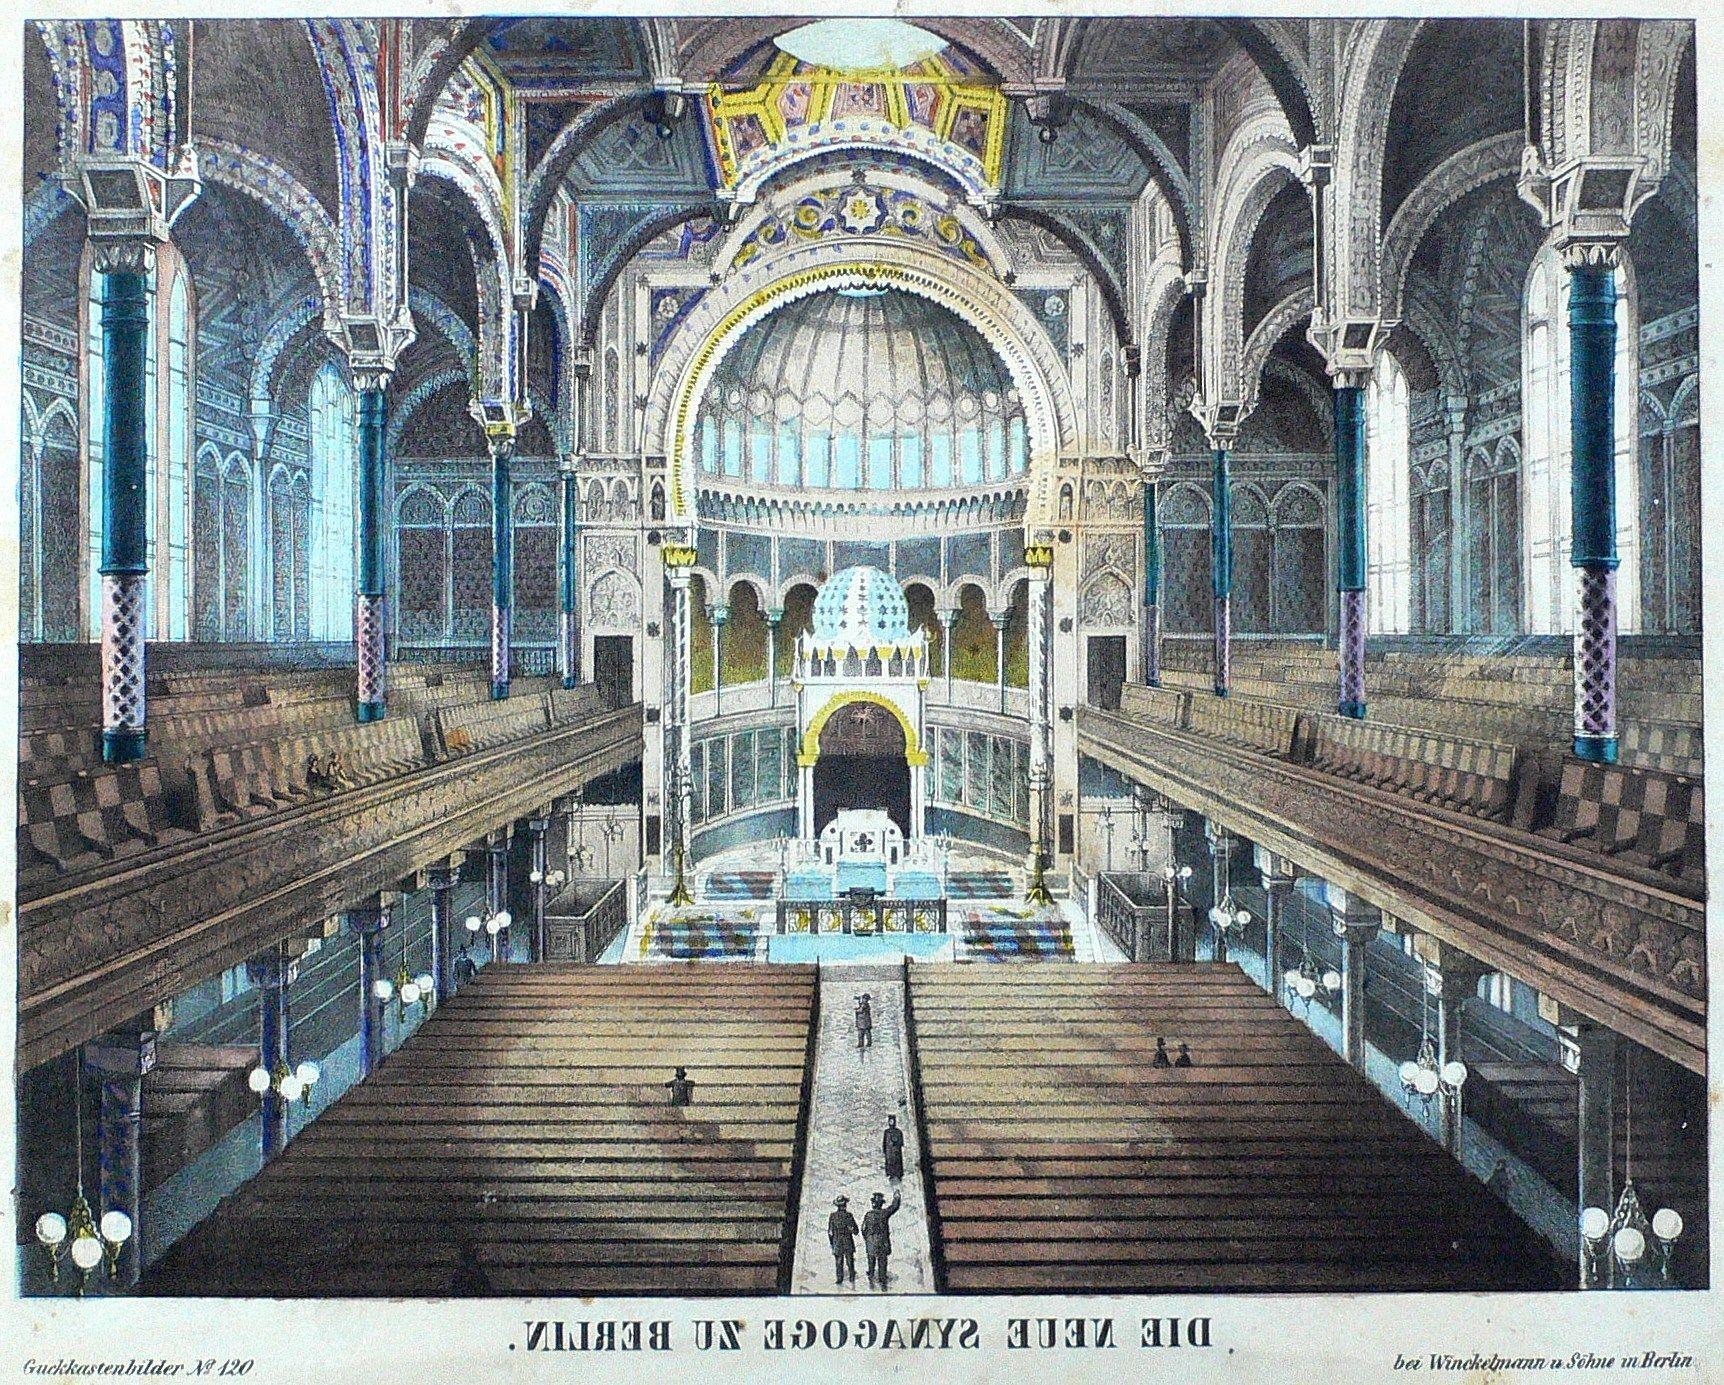 BERLIN-Neue-Synagoge-Innenraum-Winckelmann-Kolorierte-Lithografie ...